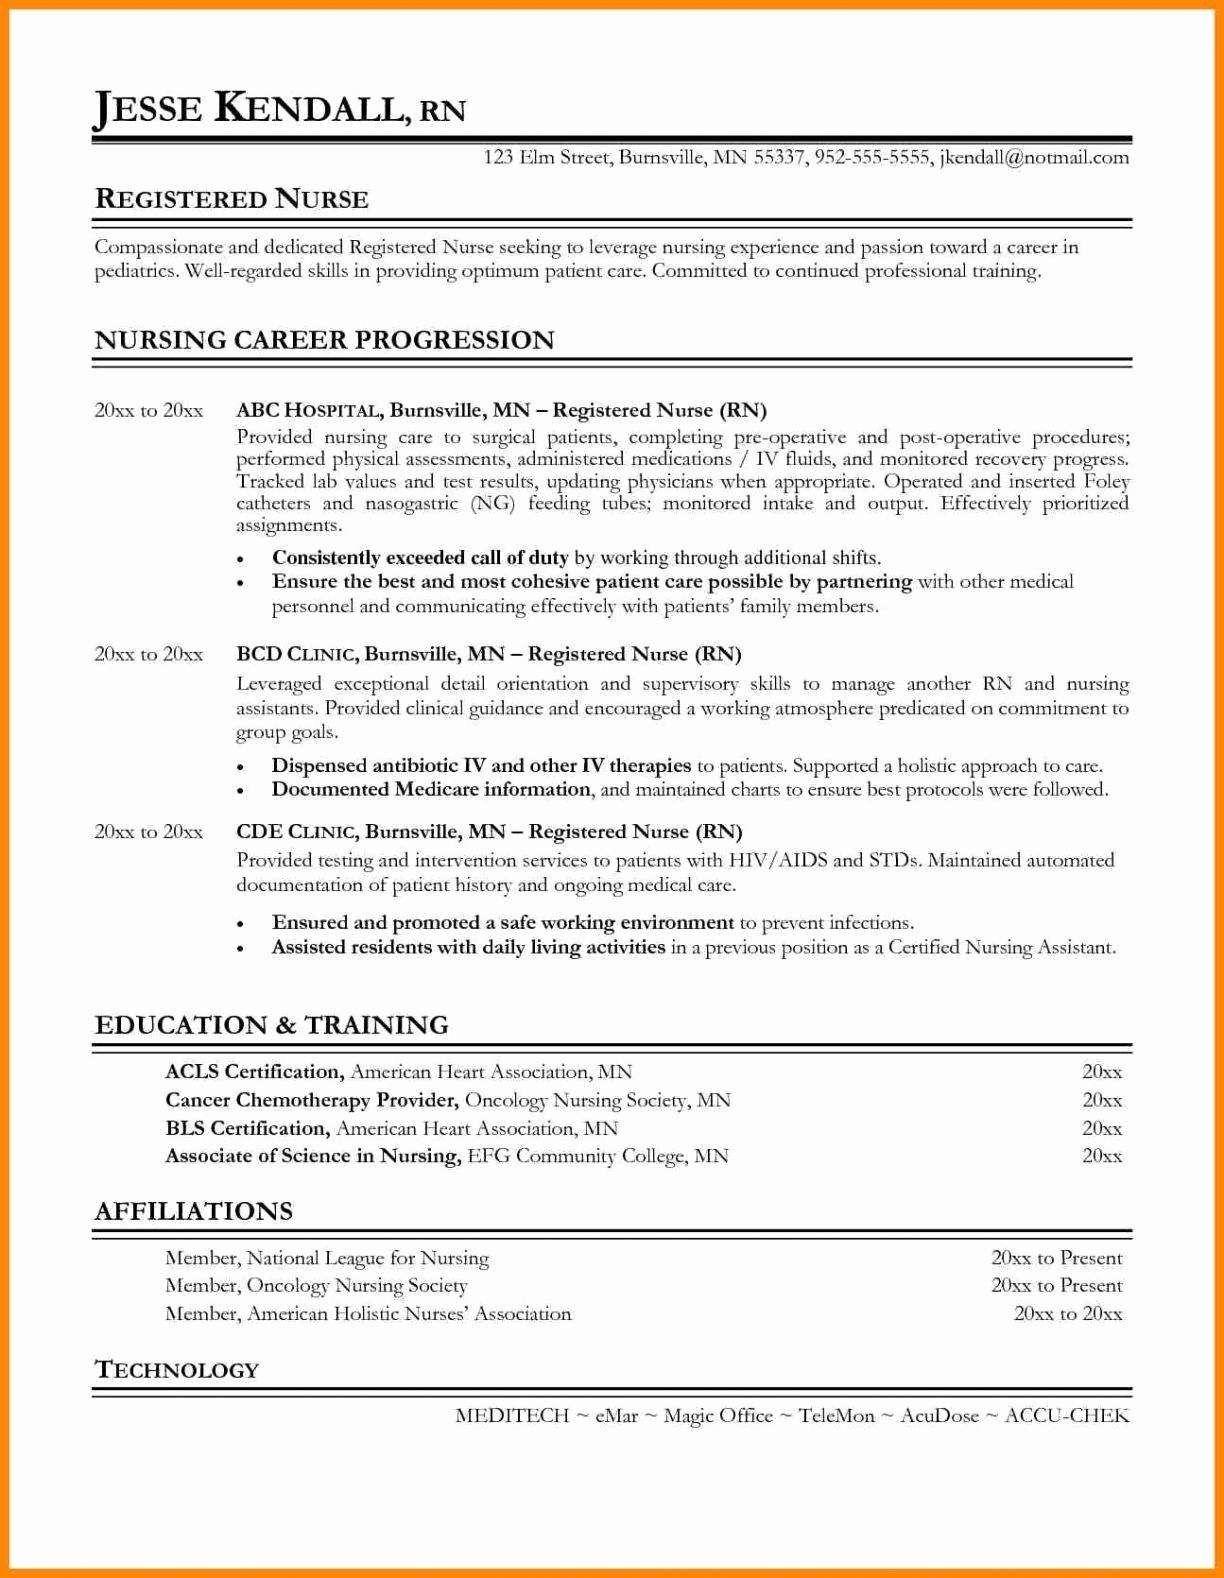 Things To Highlight On A Nurse Resume New Grad Nursing Resume Template Registered Nurse Resume Nursing Resume Examples